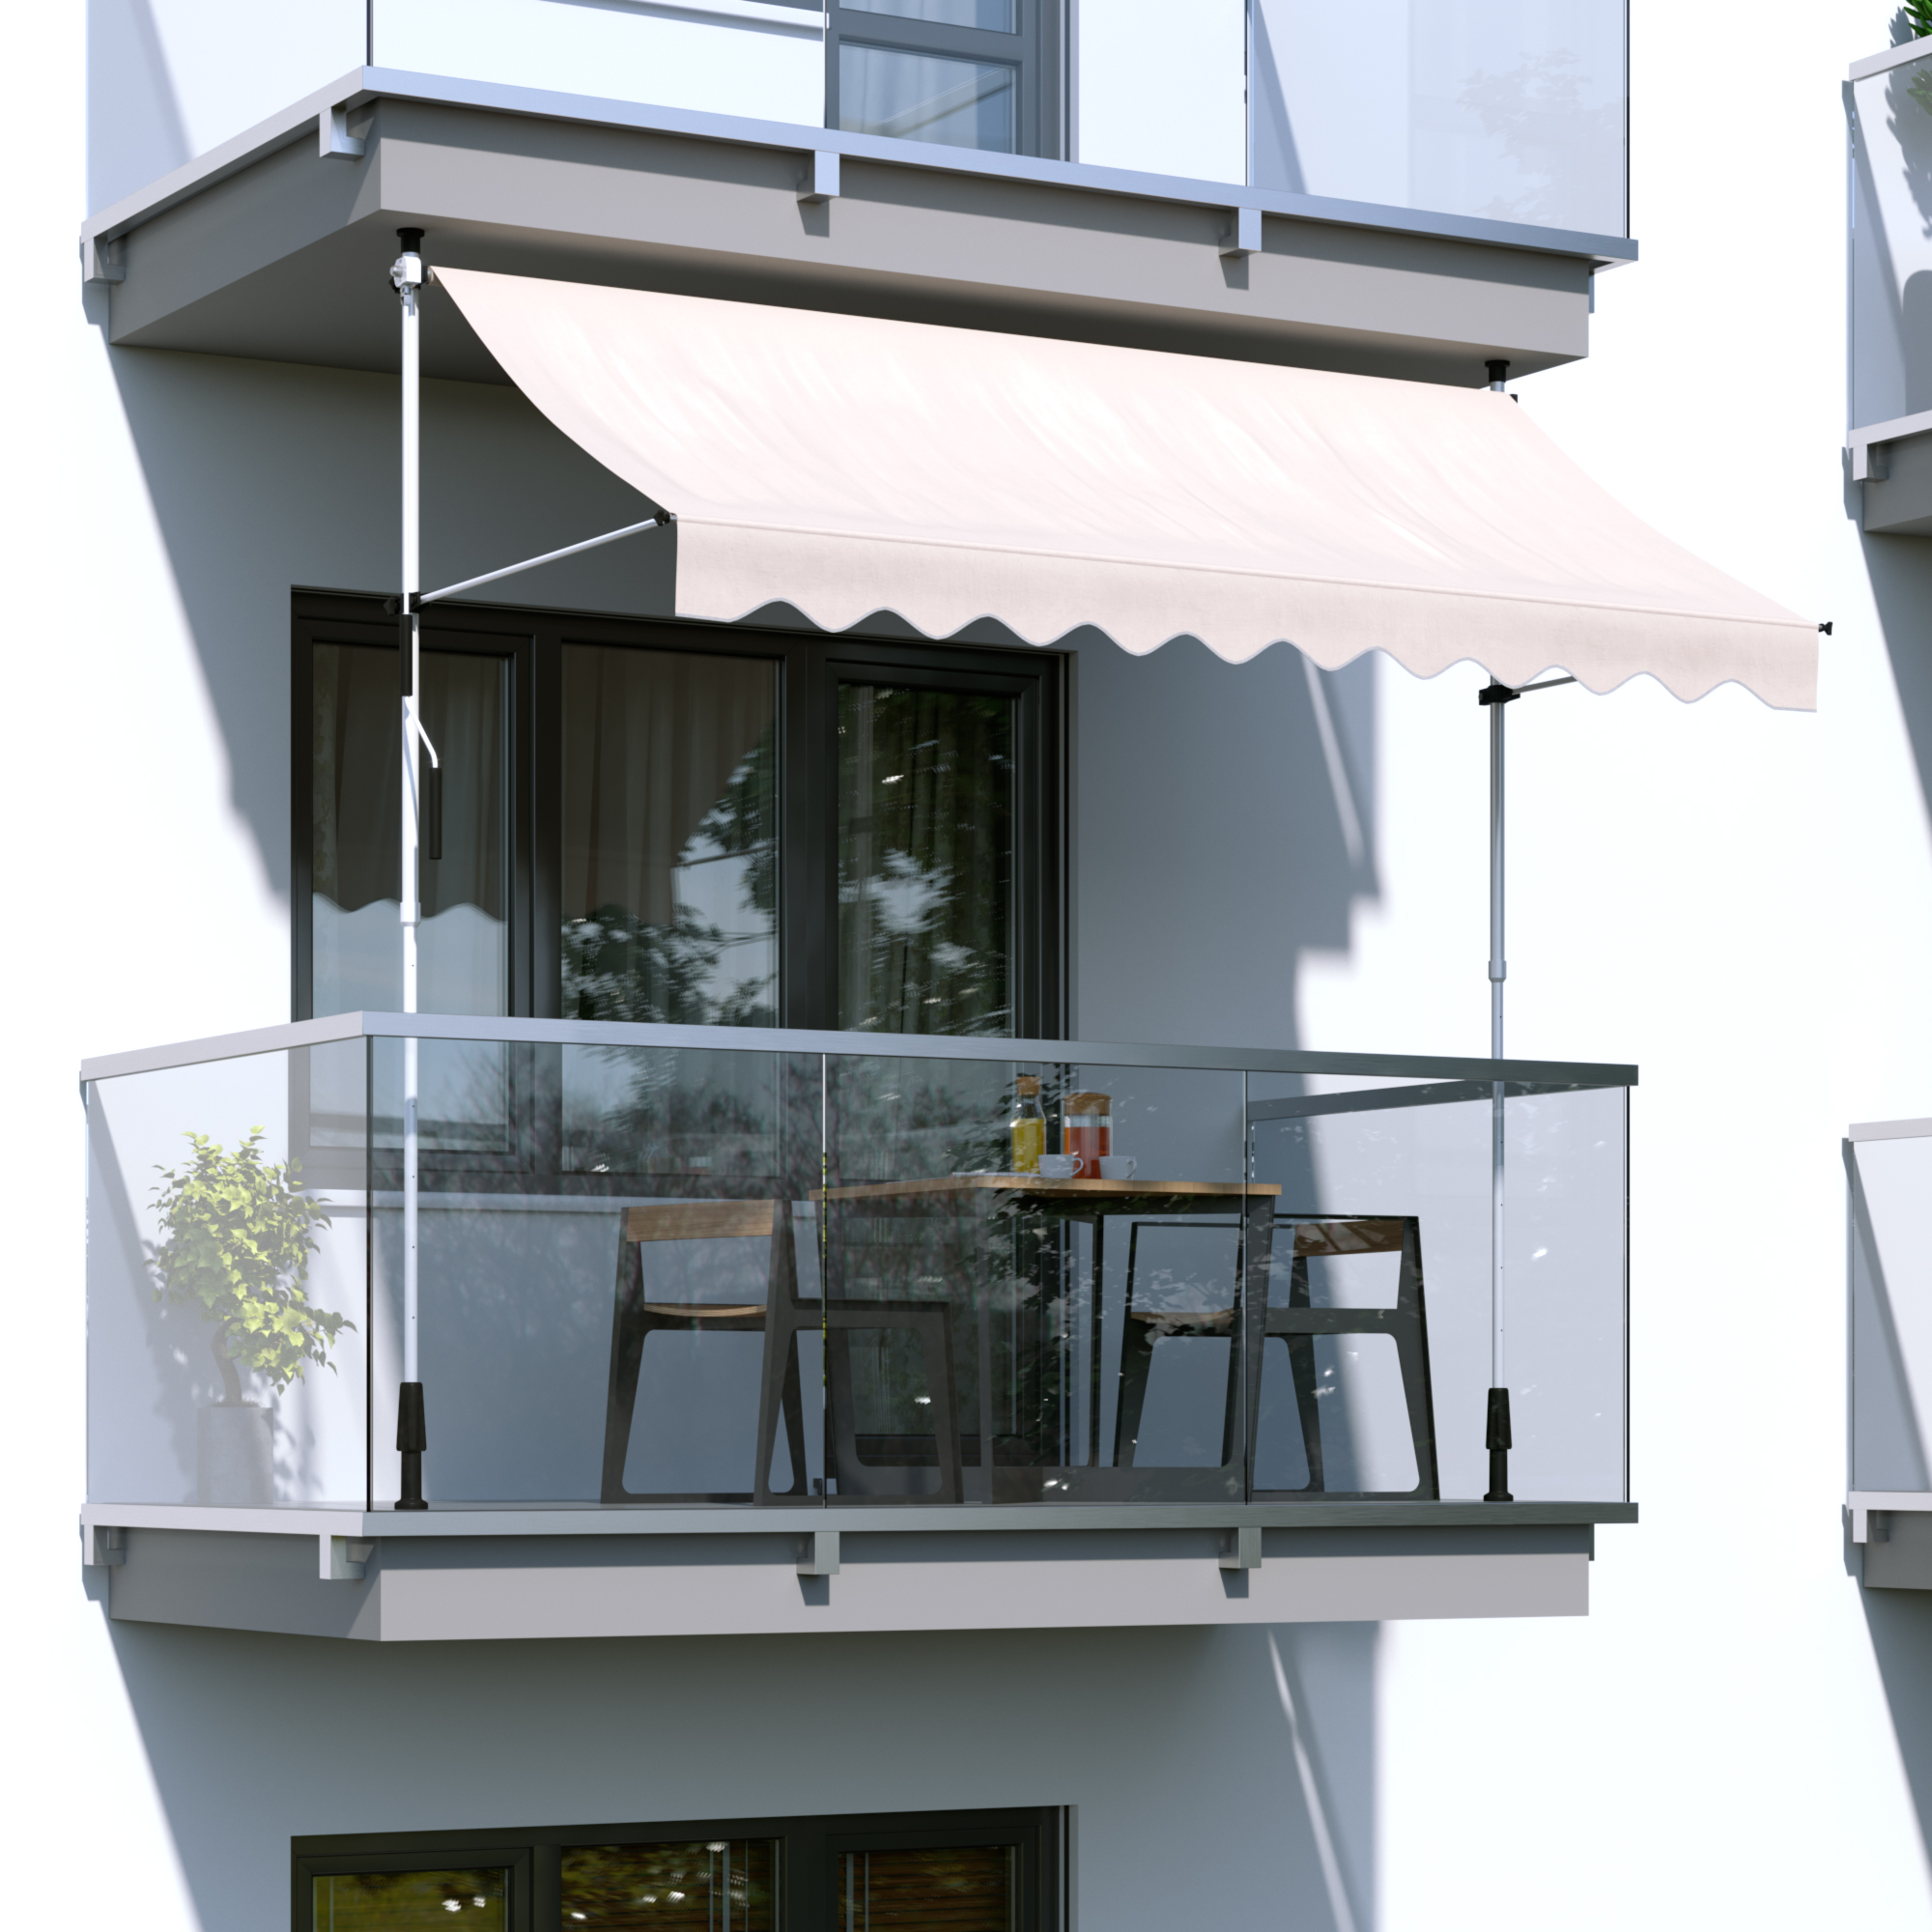 markise balkon klemmmarkise sonnenschutz 295x120cm creme ohne bohren b ware ebay